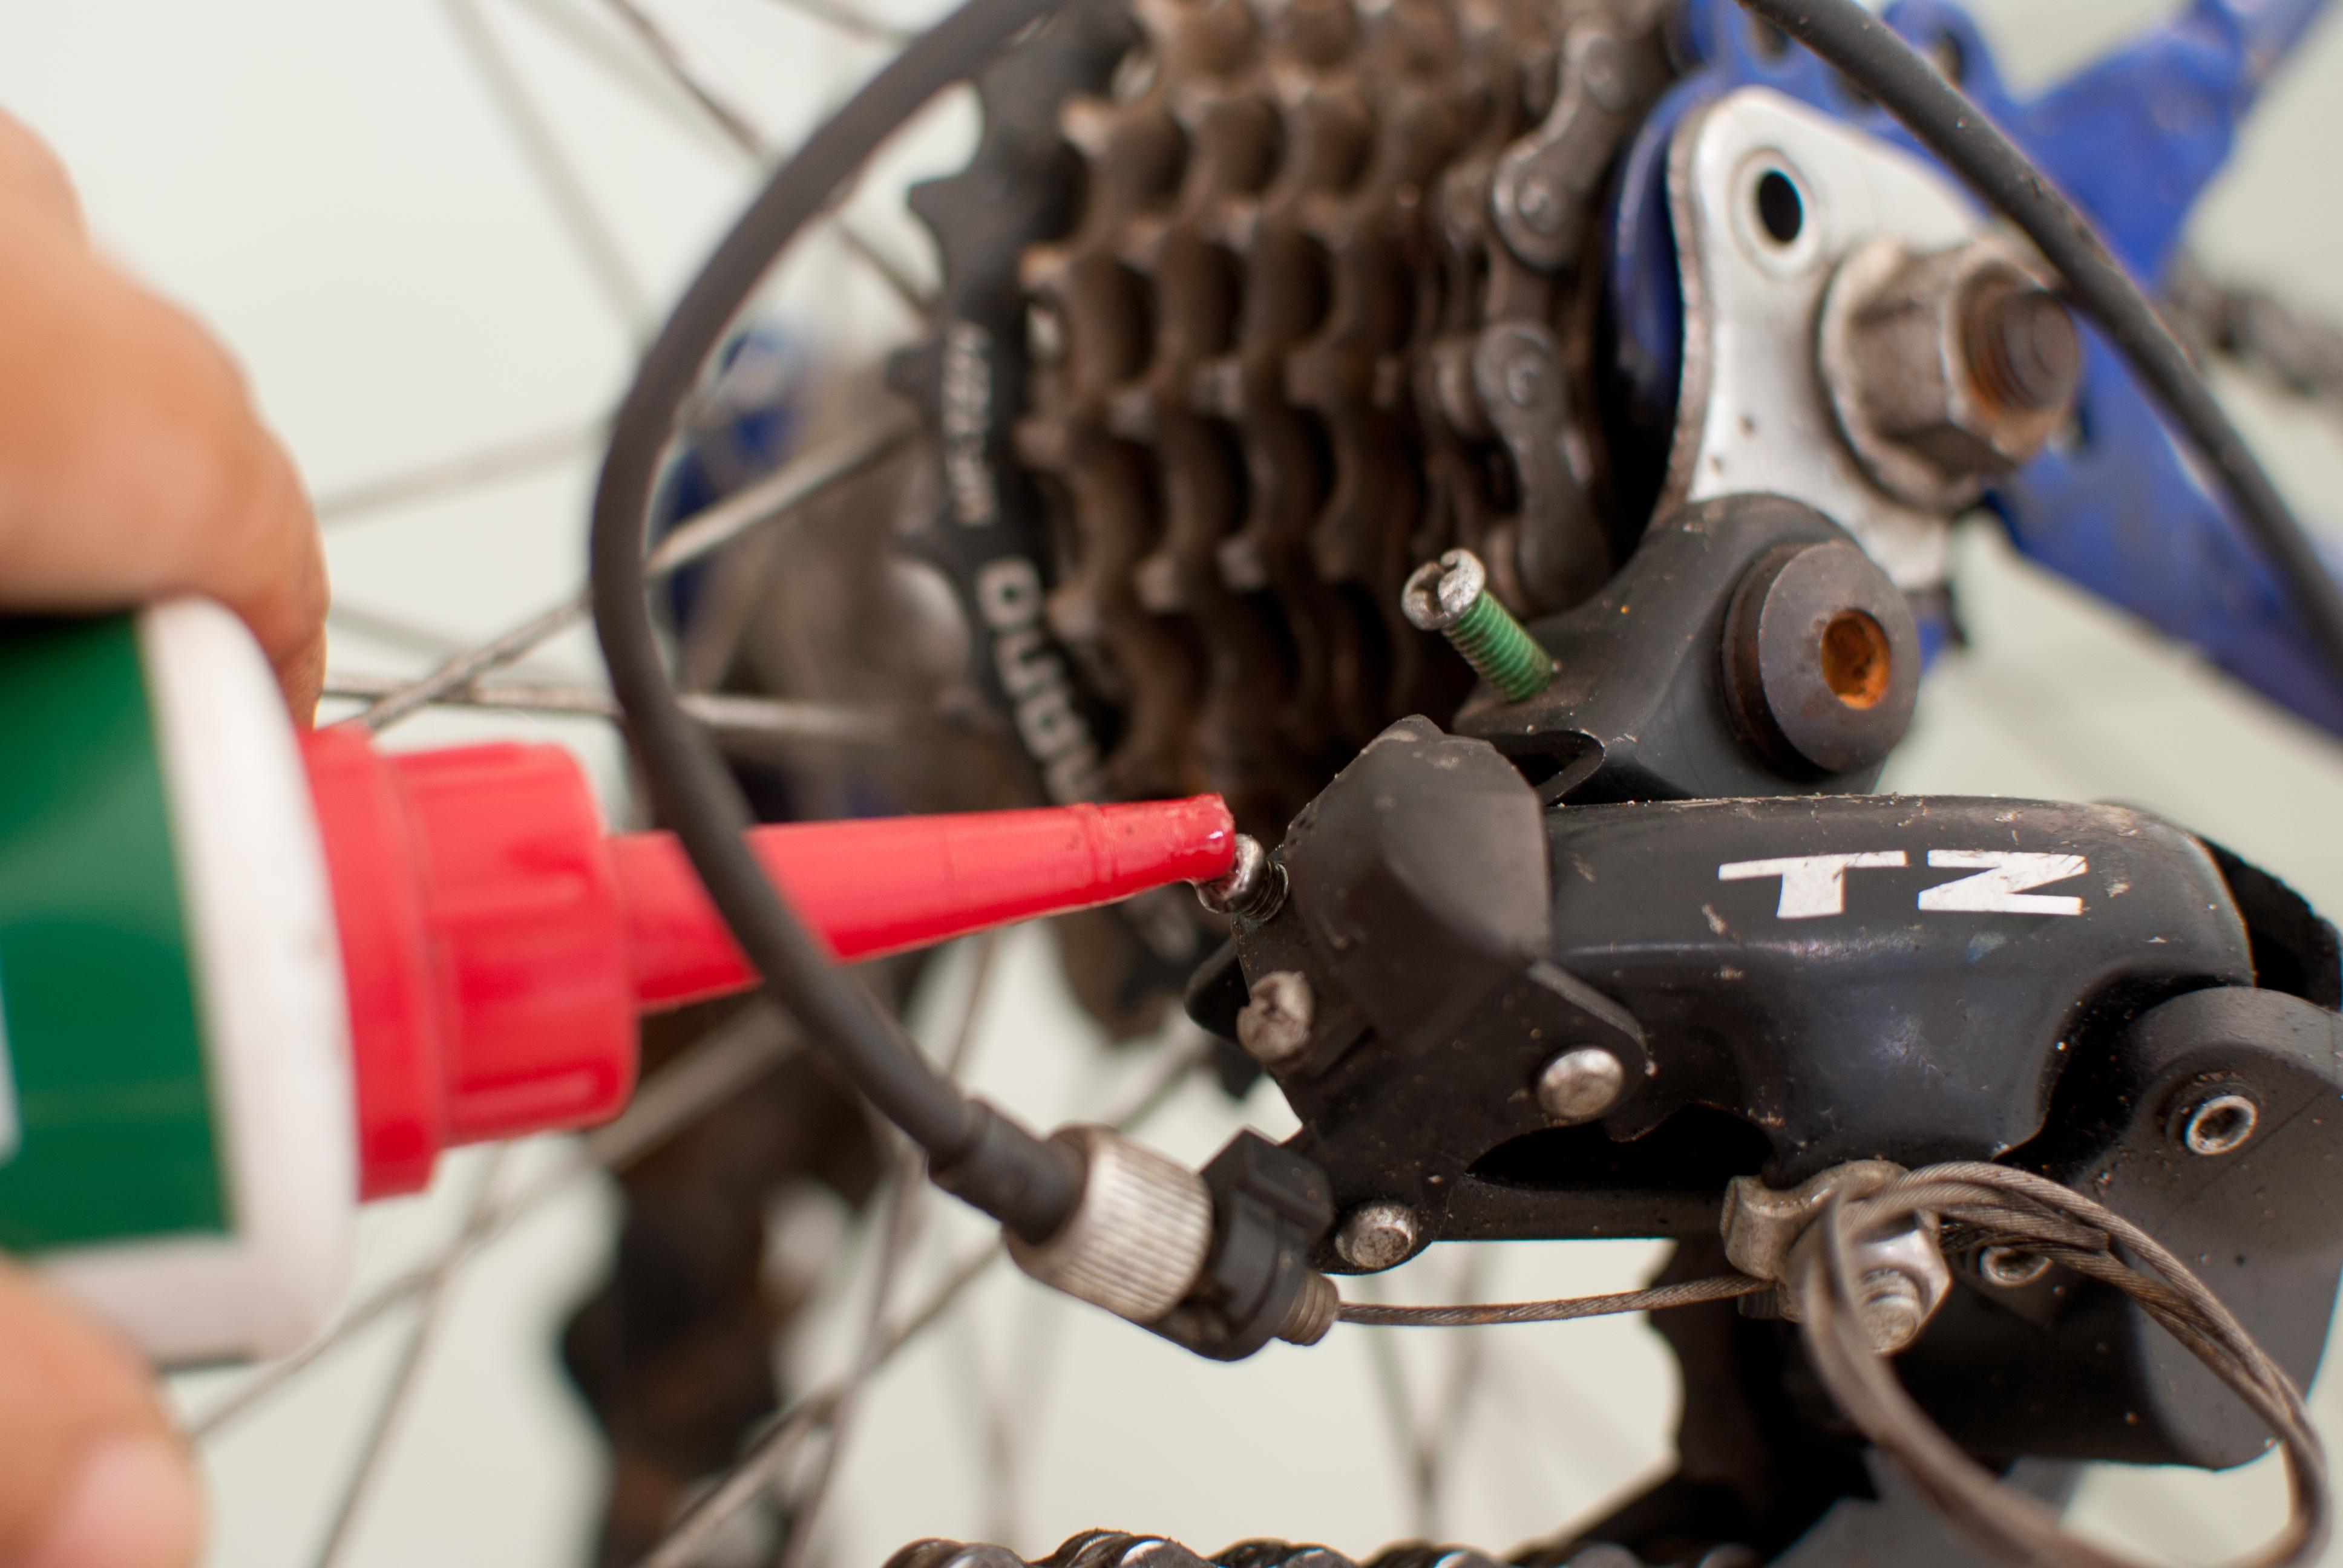 Переключатель скоростей на велосипед: как настроить и правильно переключать